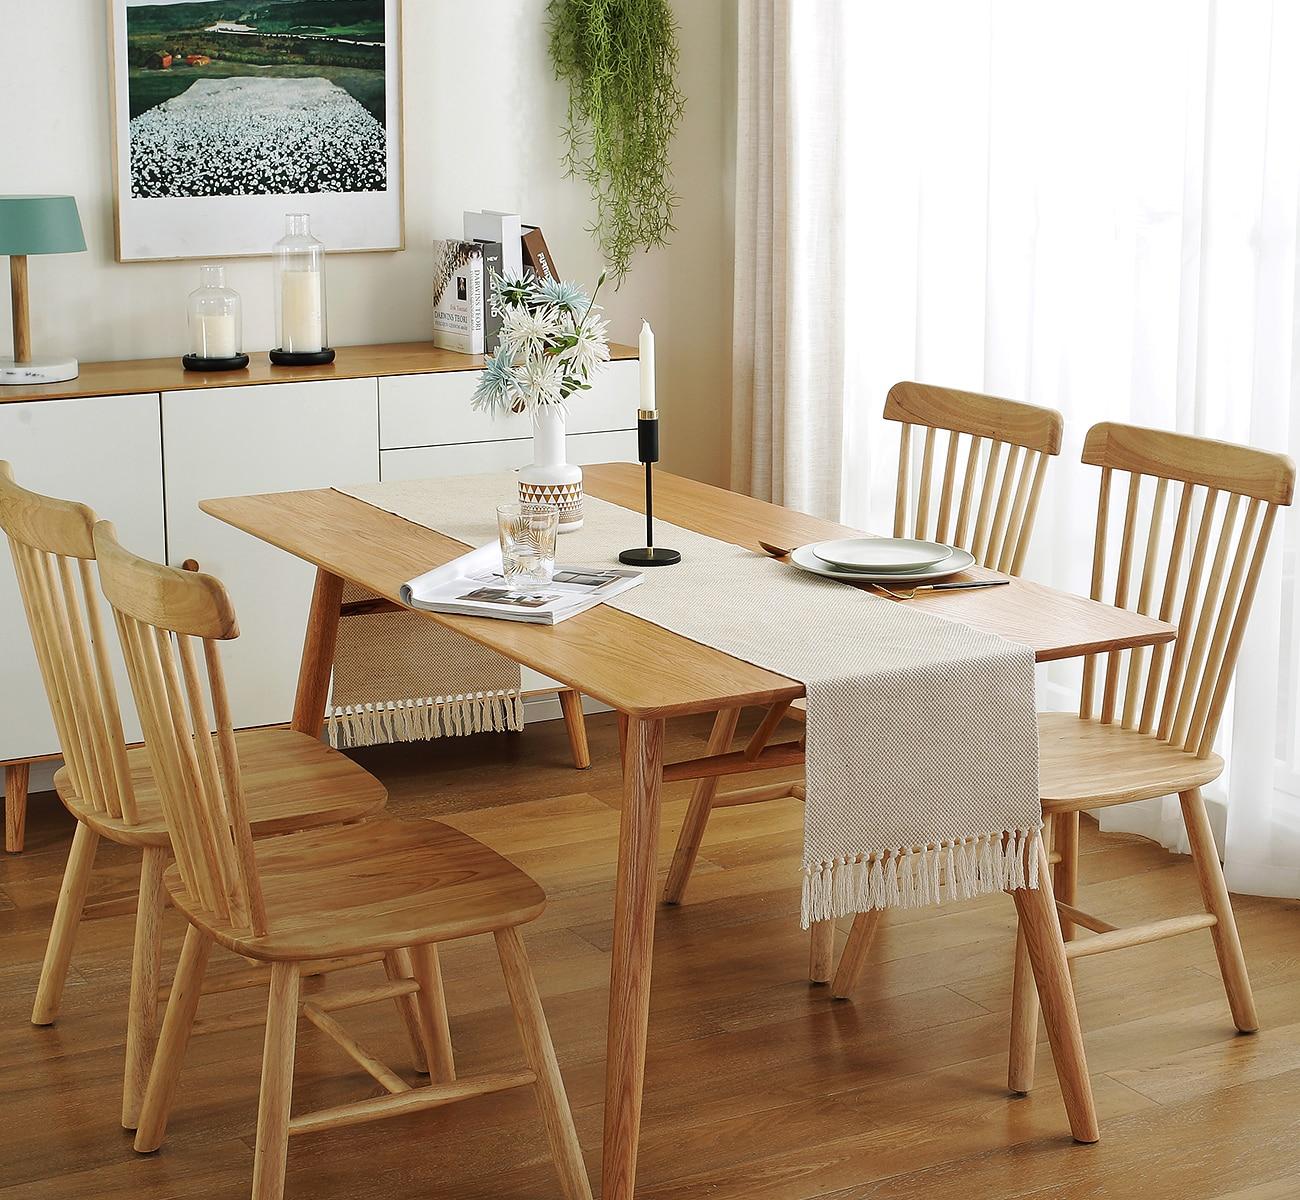 Chassic Farmhouse Woven Burlap Table Runner Linen with Handmade Fringe, Rustic Jute Tassel Village Dining Room Dresser Decor